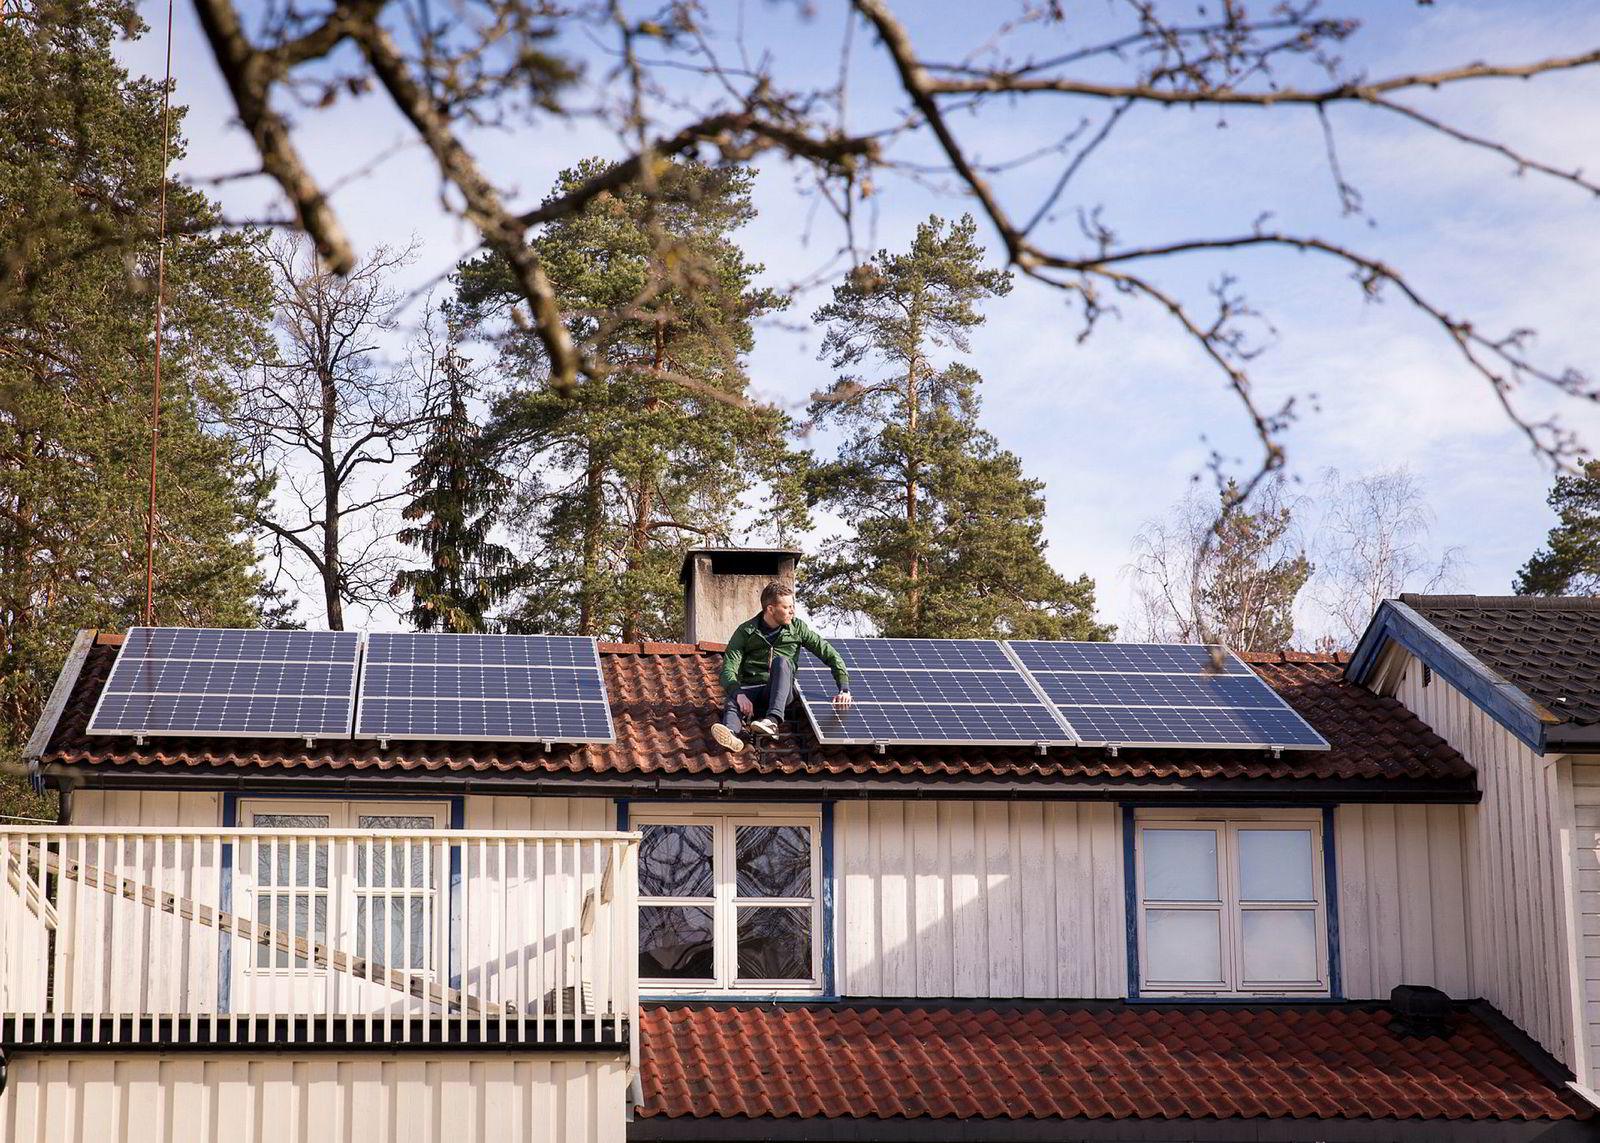 Andreas Thorsheim er en av gründerne bak Otovo og største eier. Her er han på en bolig i Bærum som har fått installert solcellepaneler.